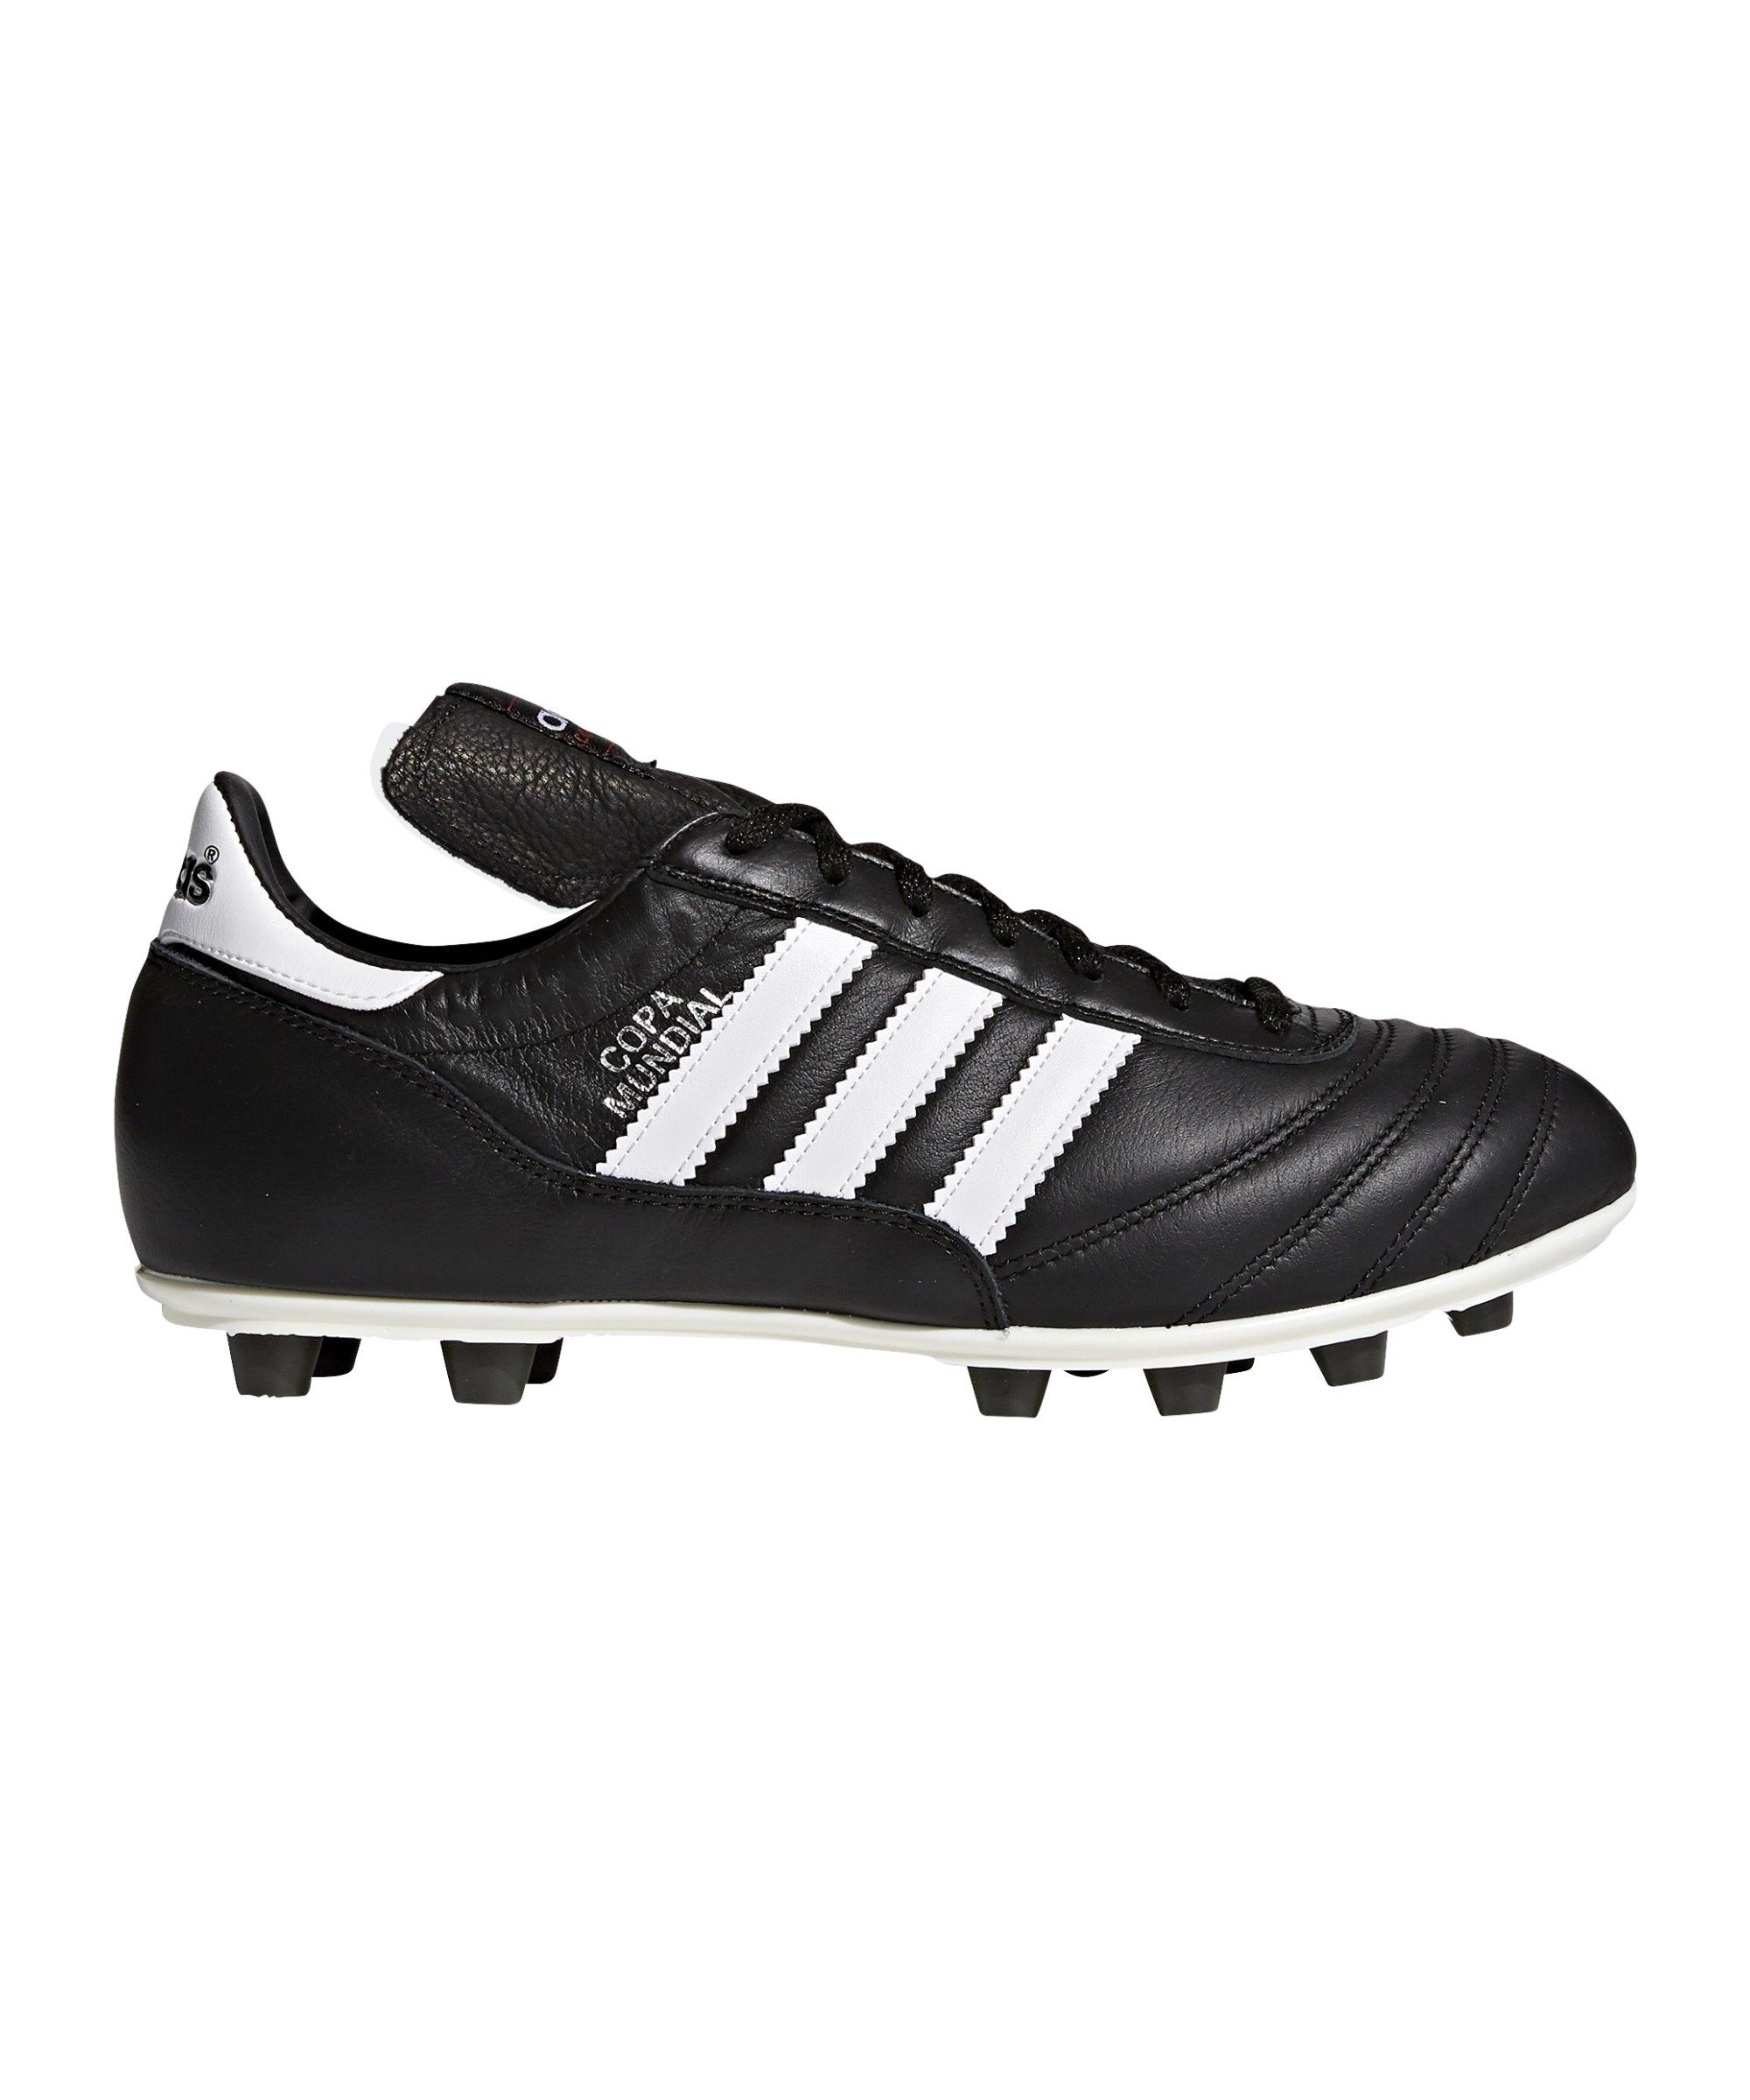 Adidas Mundial Fg Schwarz Weiss Copa gmvb6I7yYf